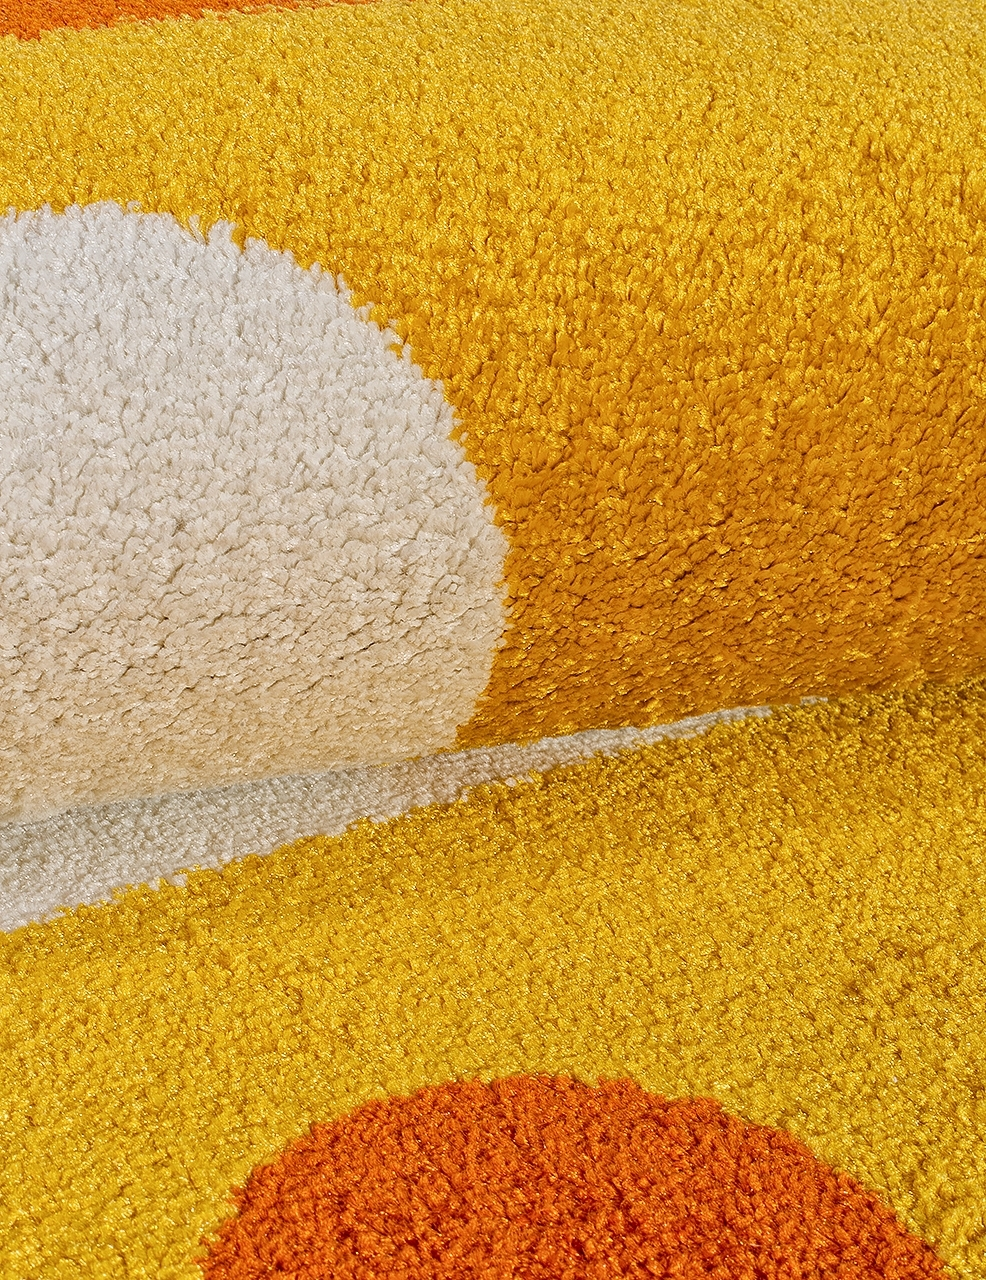 Ковер 1021 - YELLOW - Прямоугольник - коллекция CRYSTAL - фото 4